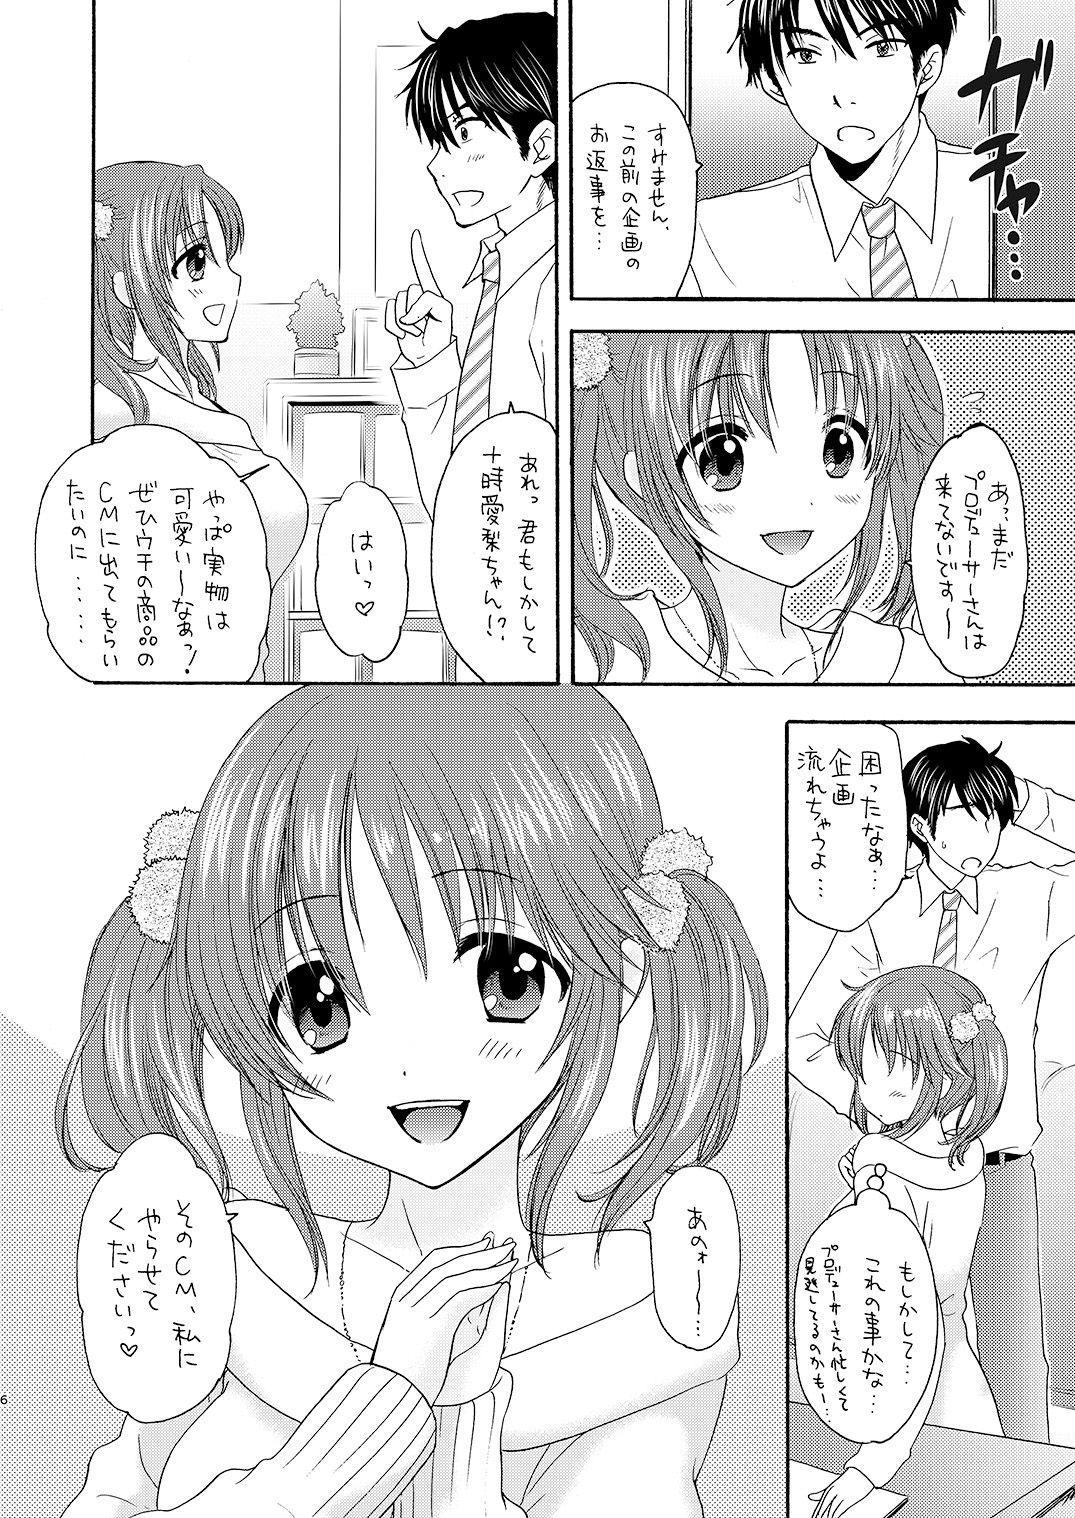 TOTOKIRA CRAZY PARADISE 5